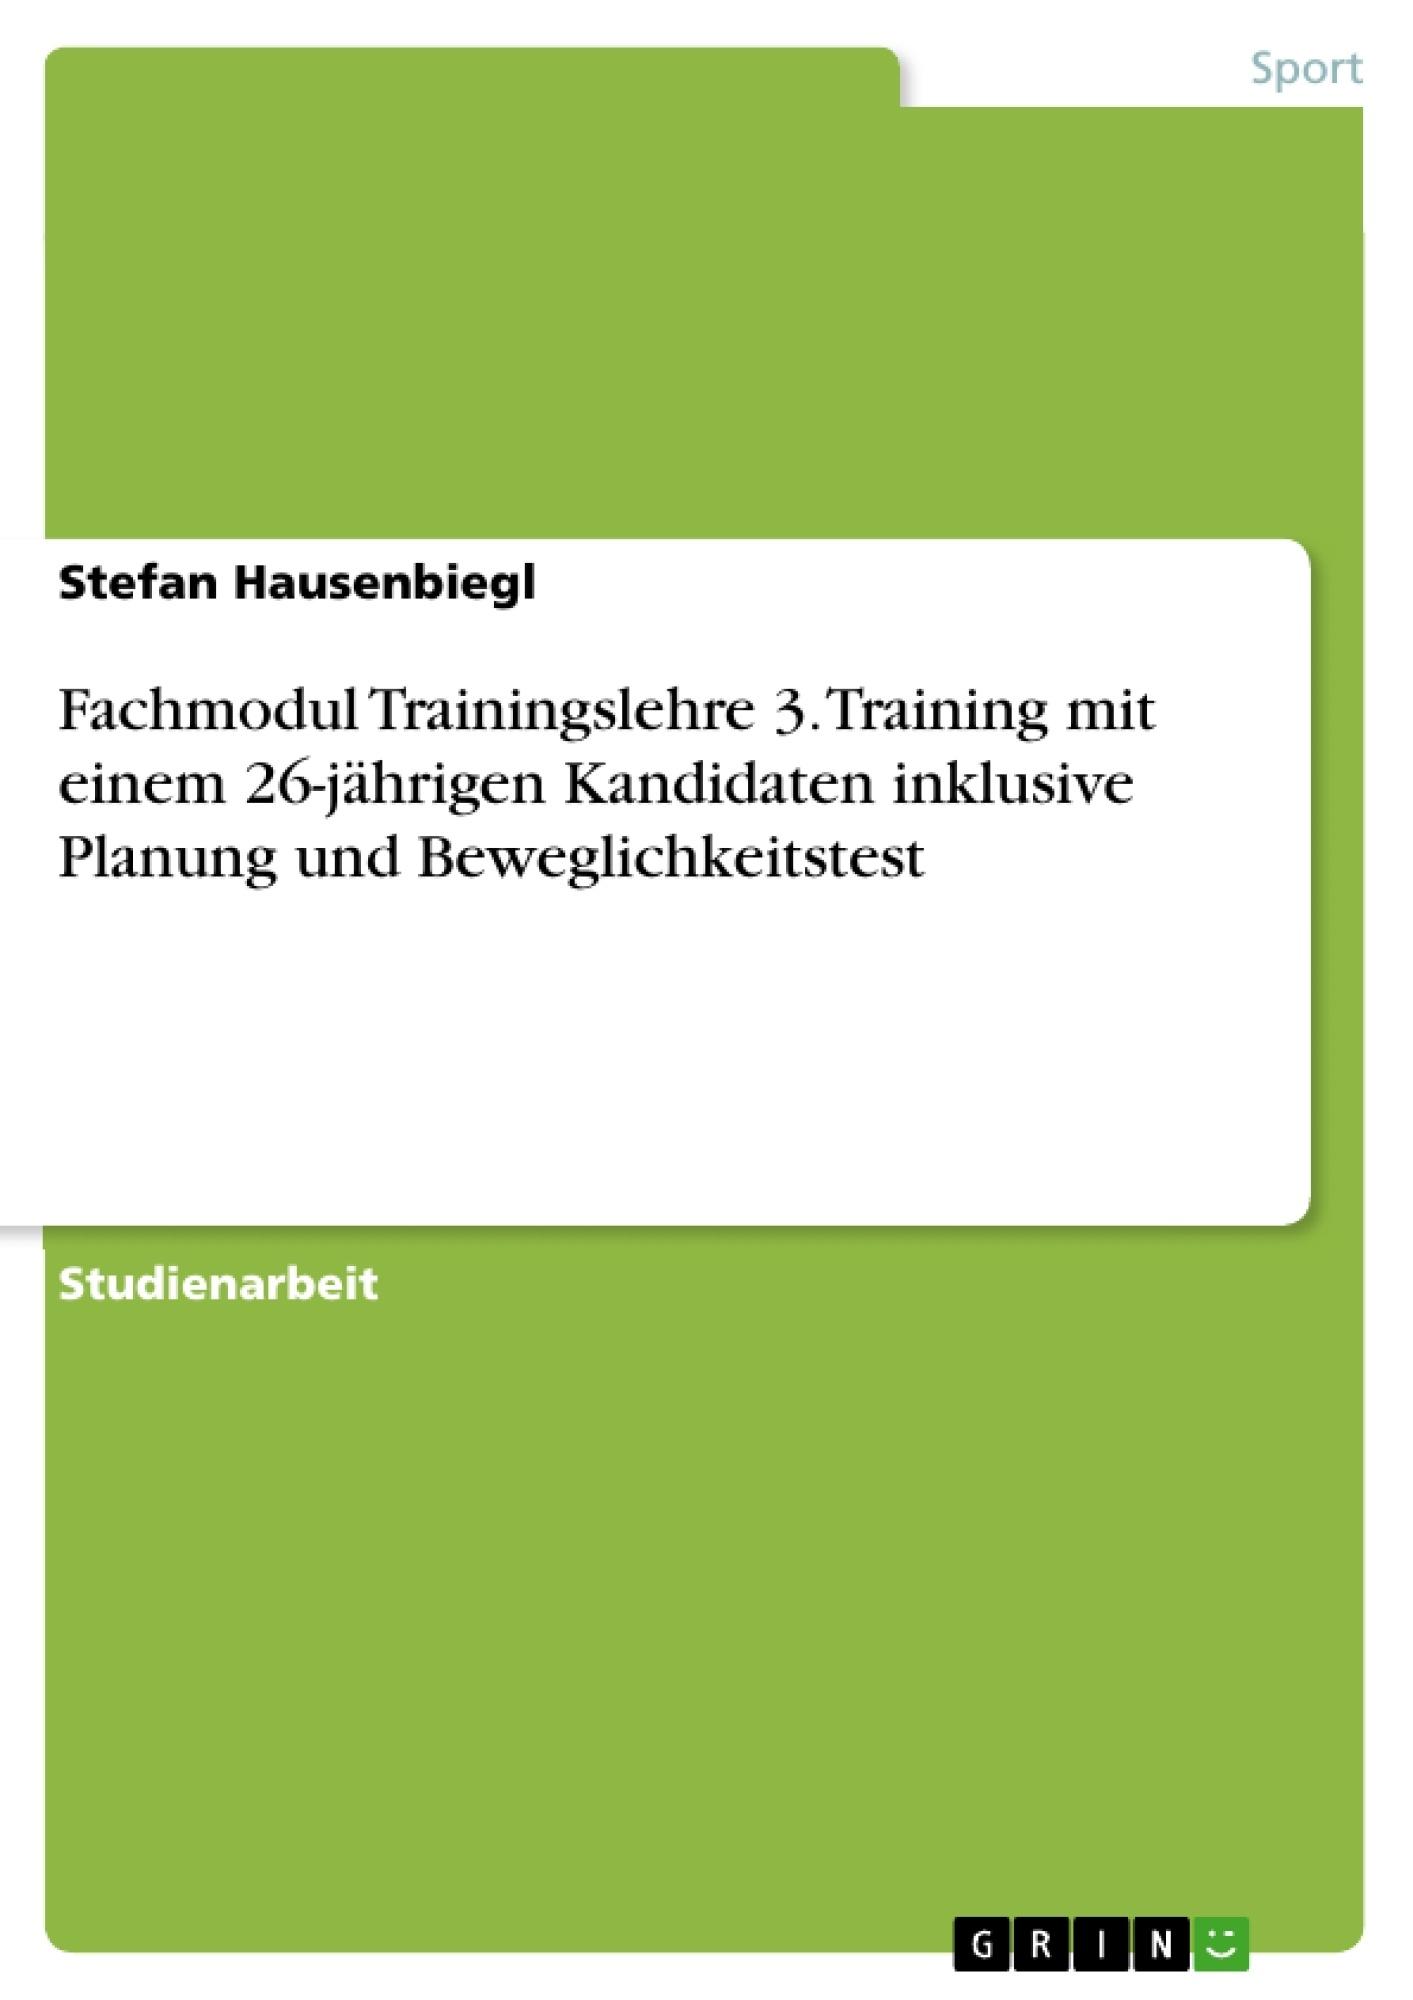 Titel: Fachmodul Trainingslehre 3. Training mit einem 26-jährigen Kandidaten inklusive Planung und Beweglichkeitstest